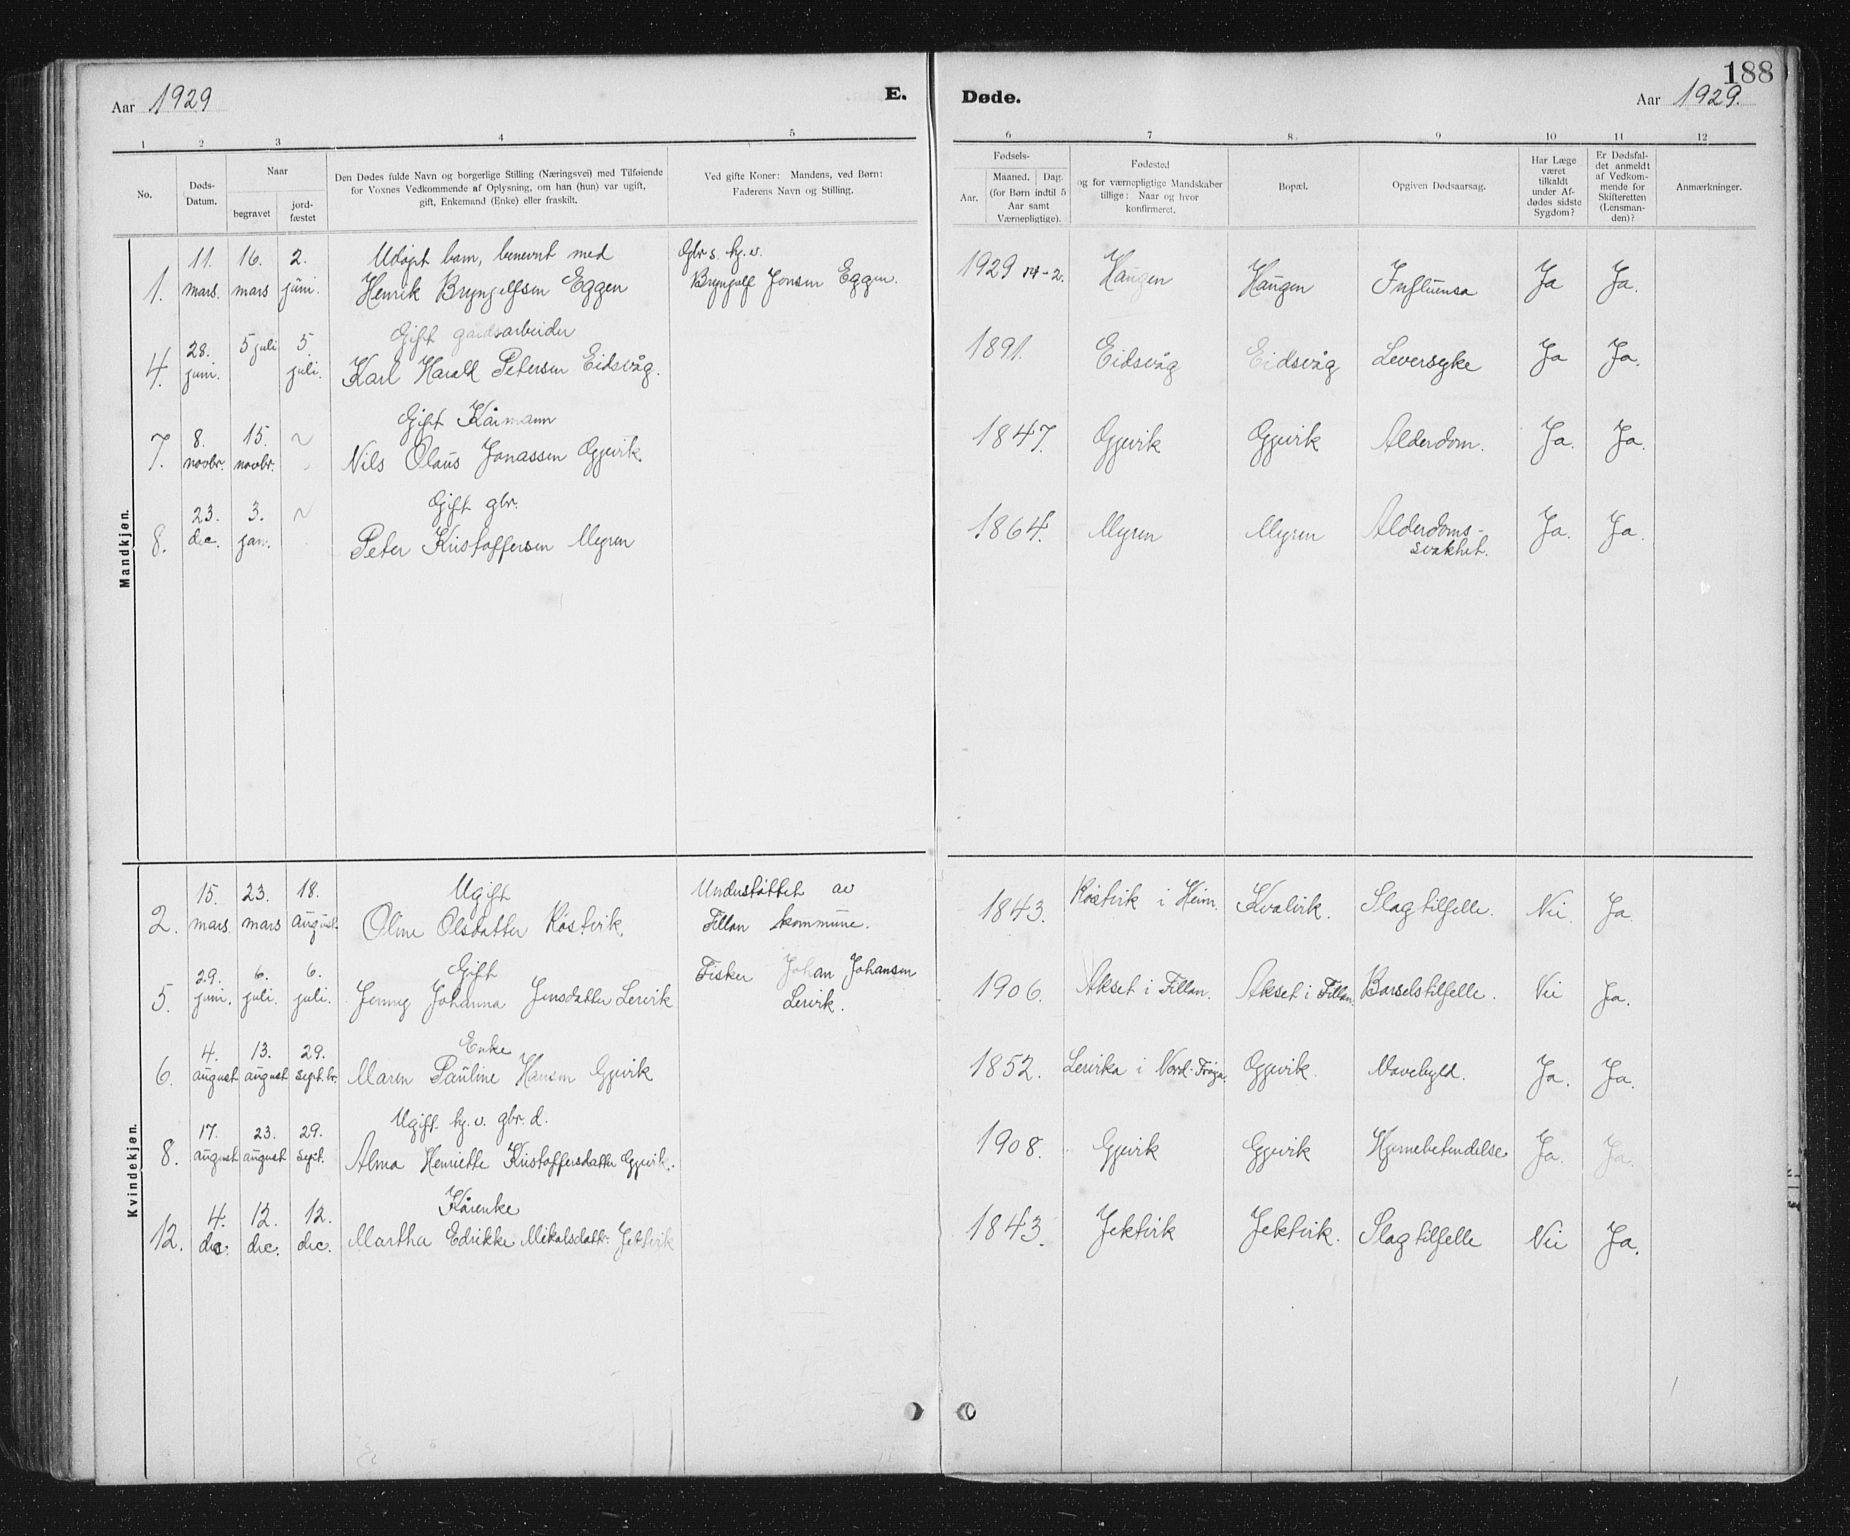 SAT, Ministerialprotokoller, klokkerbøker og fødselsregistre - Sør-Trøndelag, 637/L0563: Klokkerbok nr. 637C04, 1899-1940, s. 188